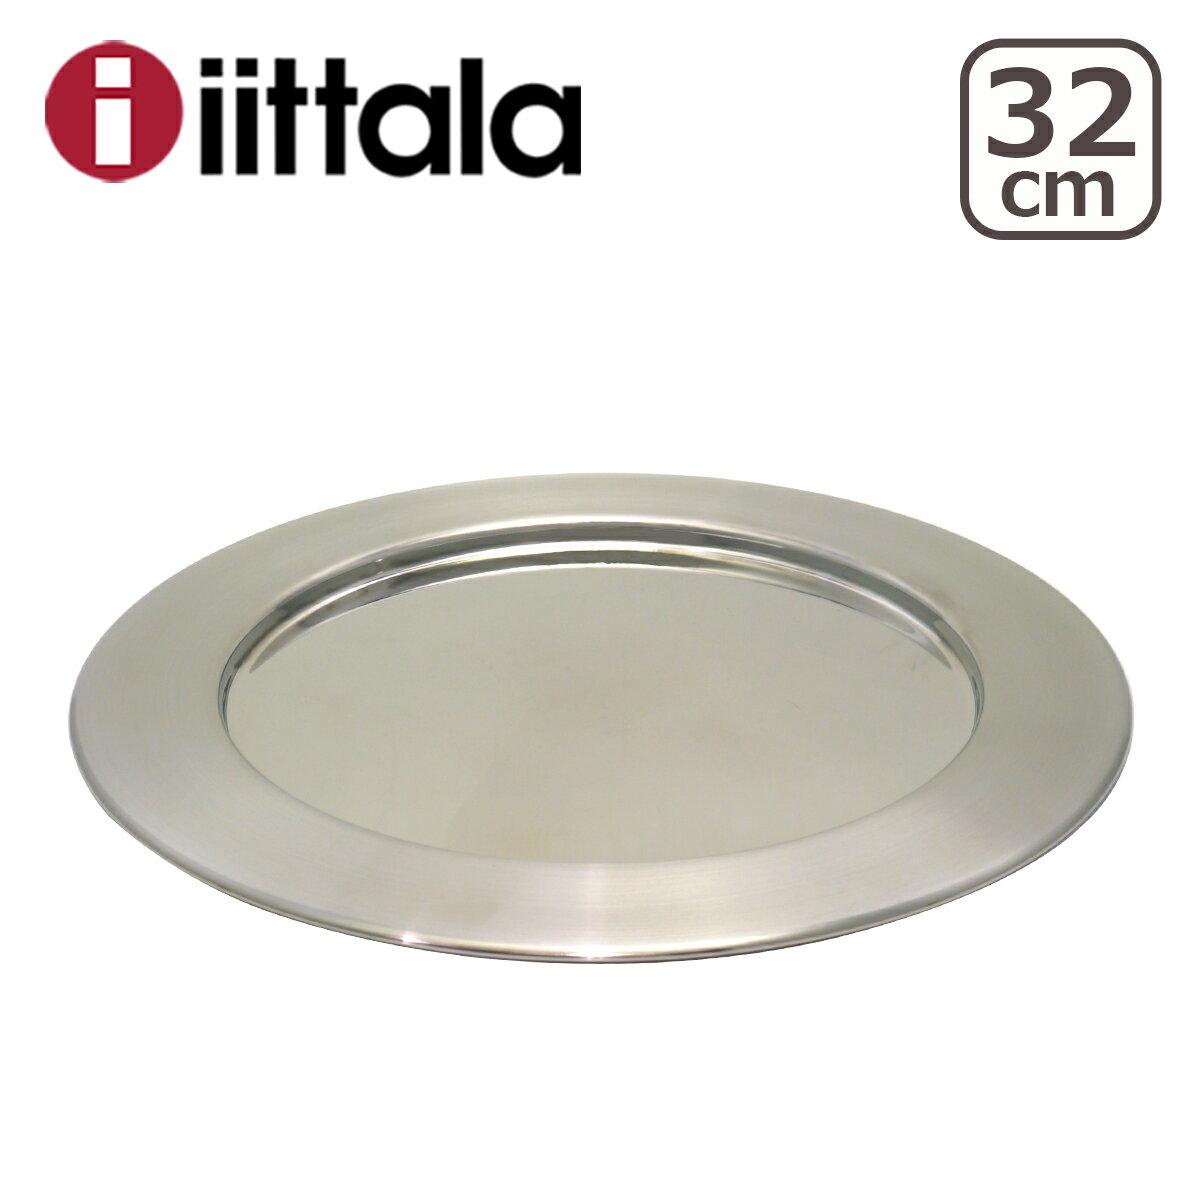 【5%OFFクーポン】iittala イッタラ SARPANEVA(サルパネヴァ) スチールプレート 32cm ギフト・のし可